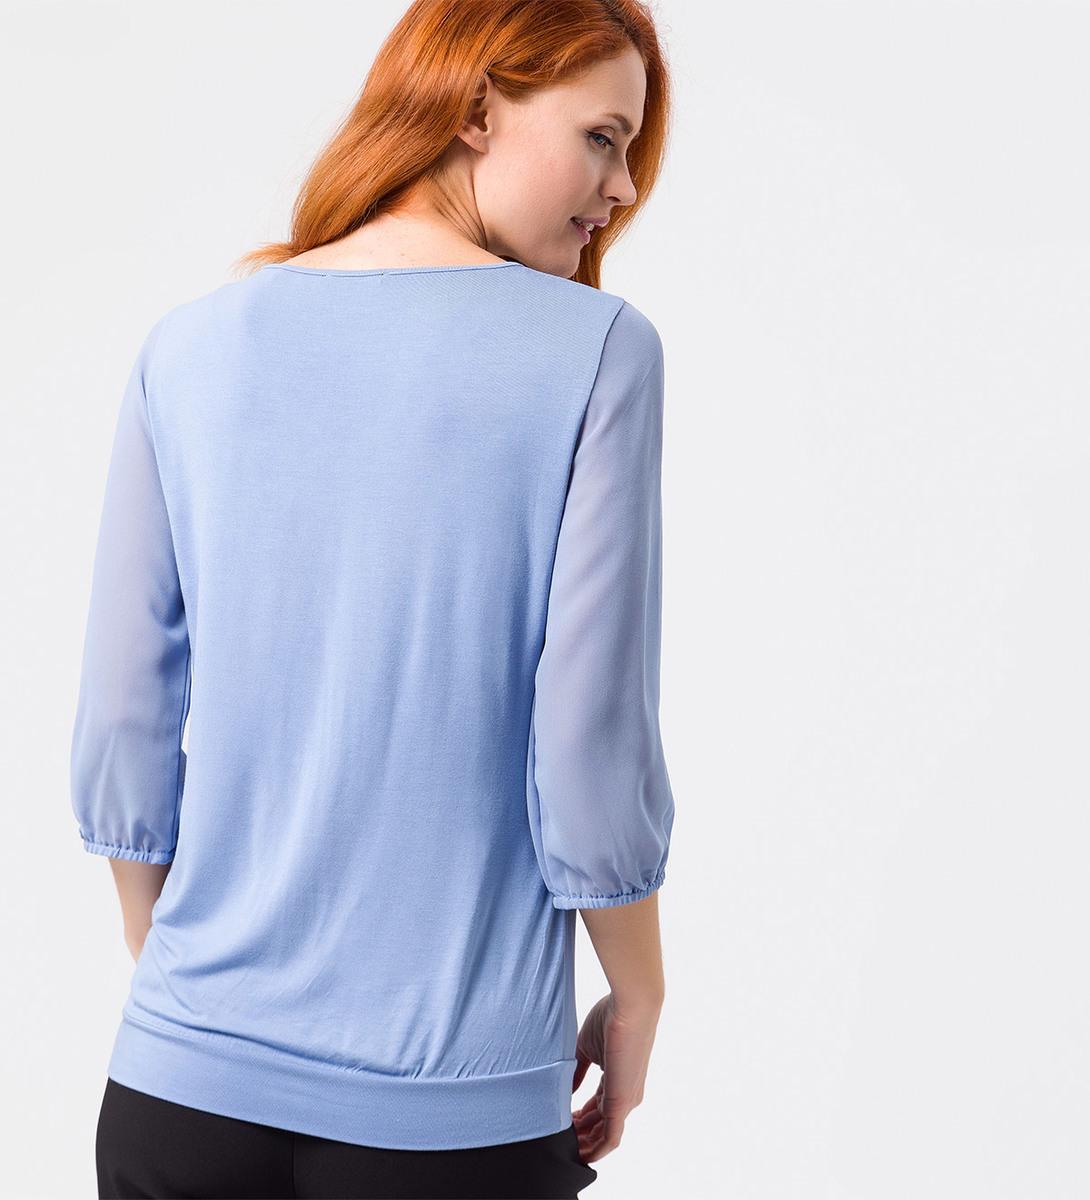 Blusenshirt mit transparenten Ärmeln in shadow blue